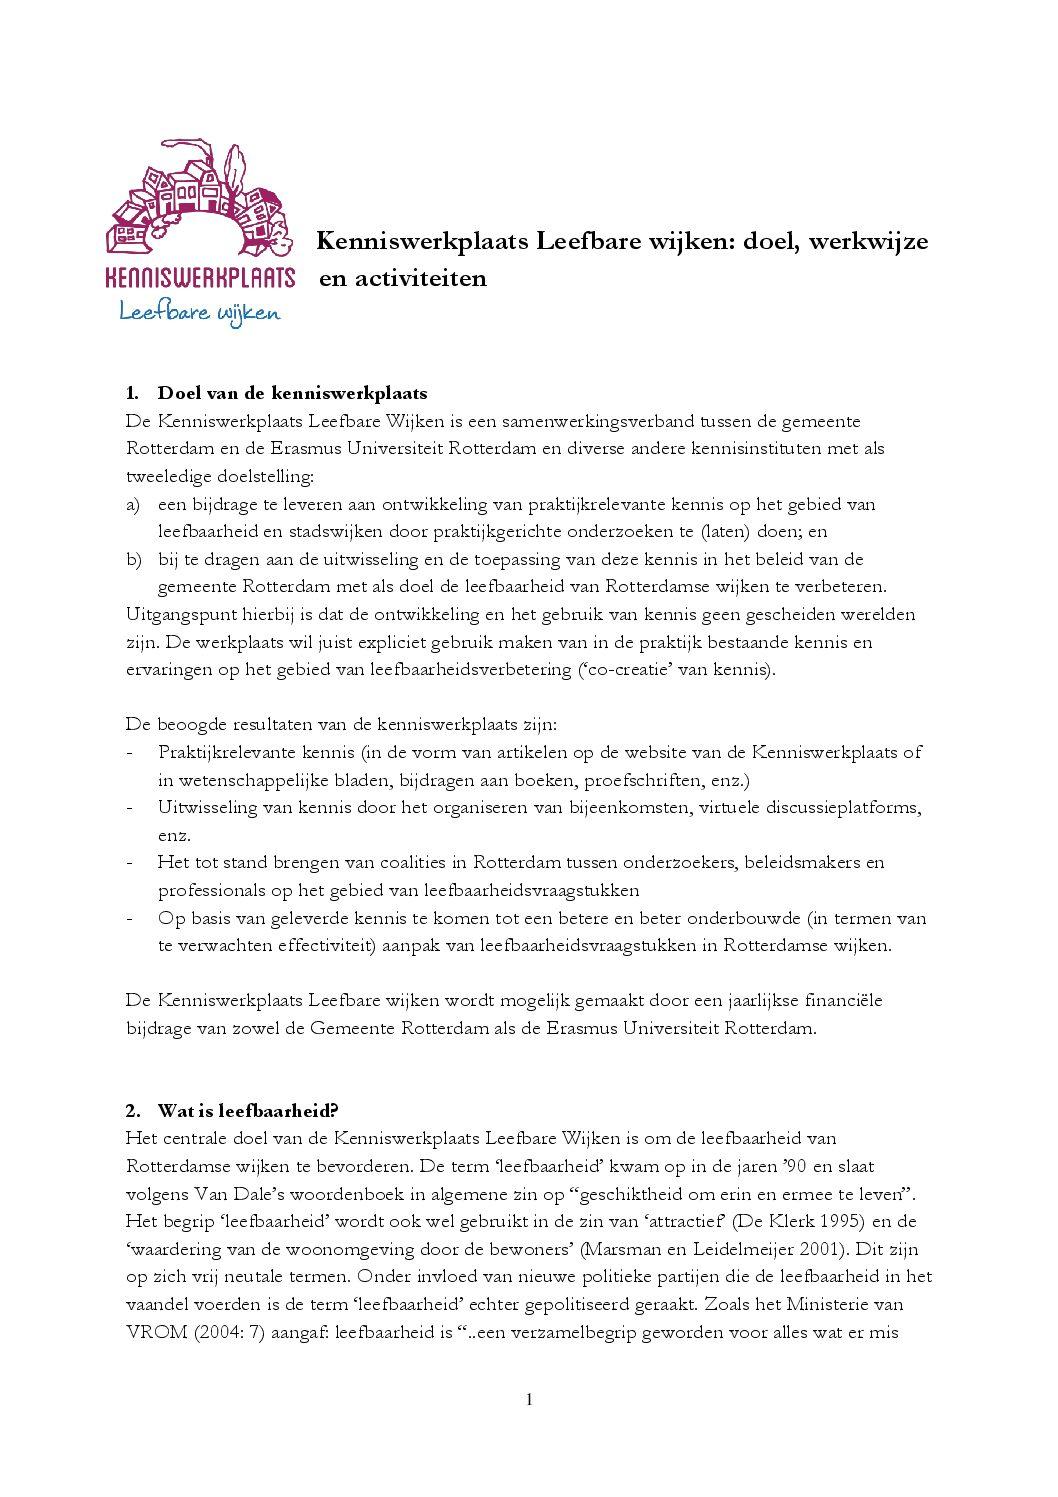 Kenniswerkplaats Leefbare Wijken: doel, werkwijze en activiteiten